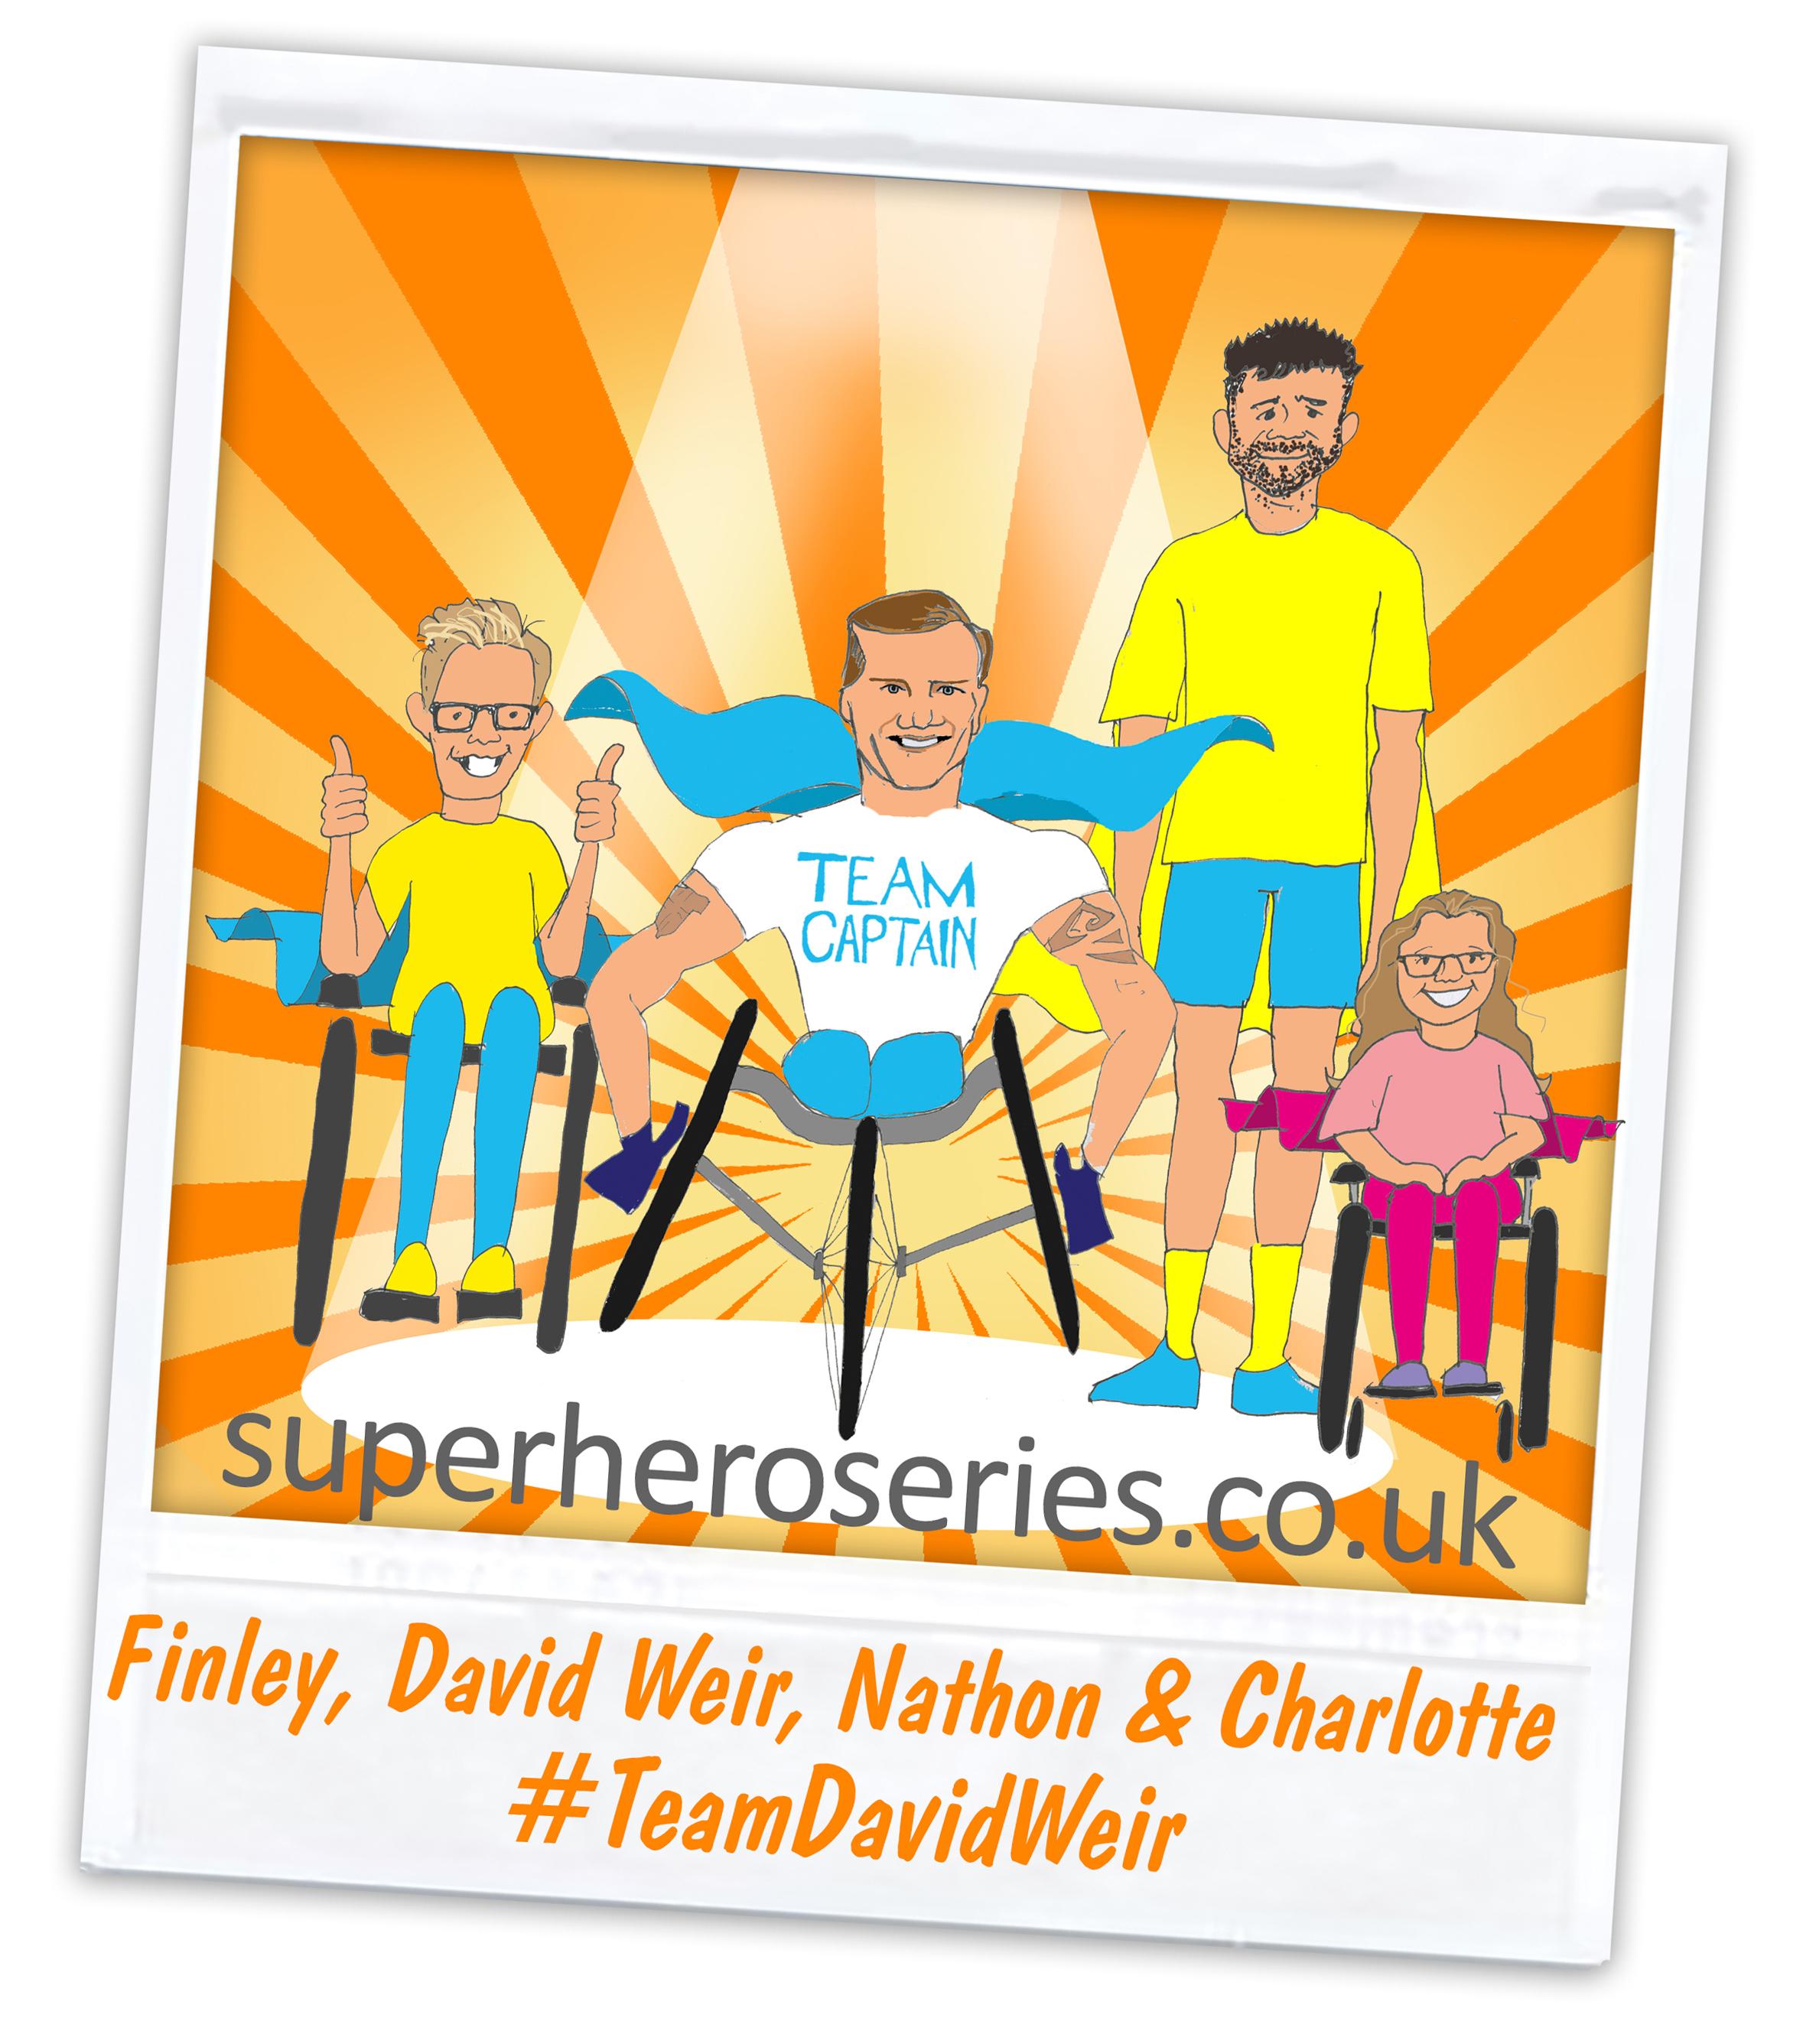 Team DavidWeir b.jpg